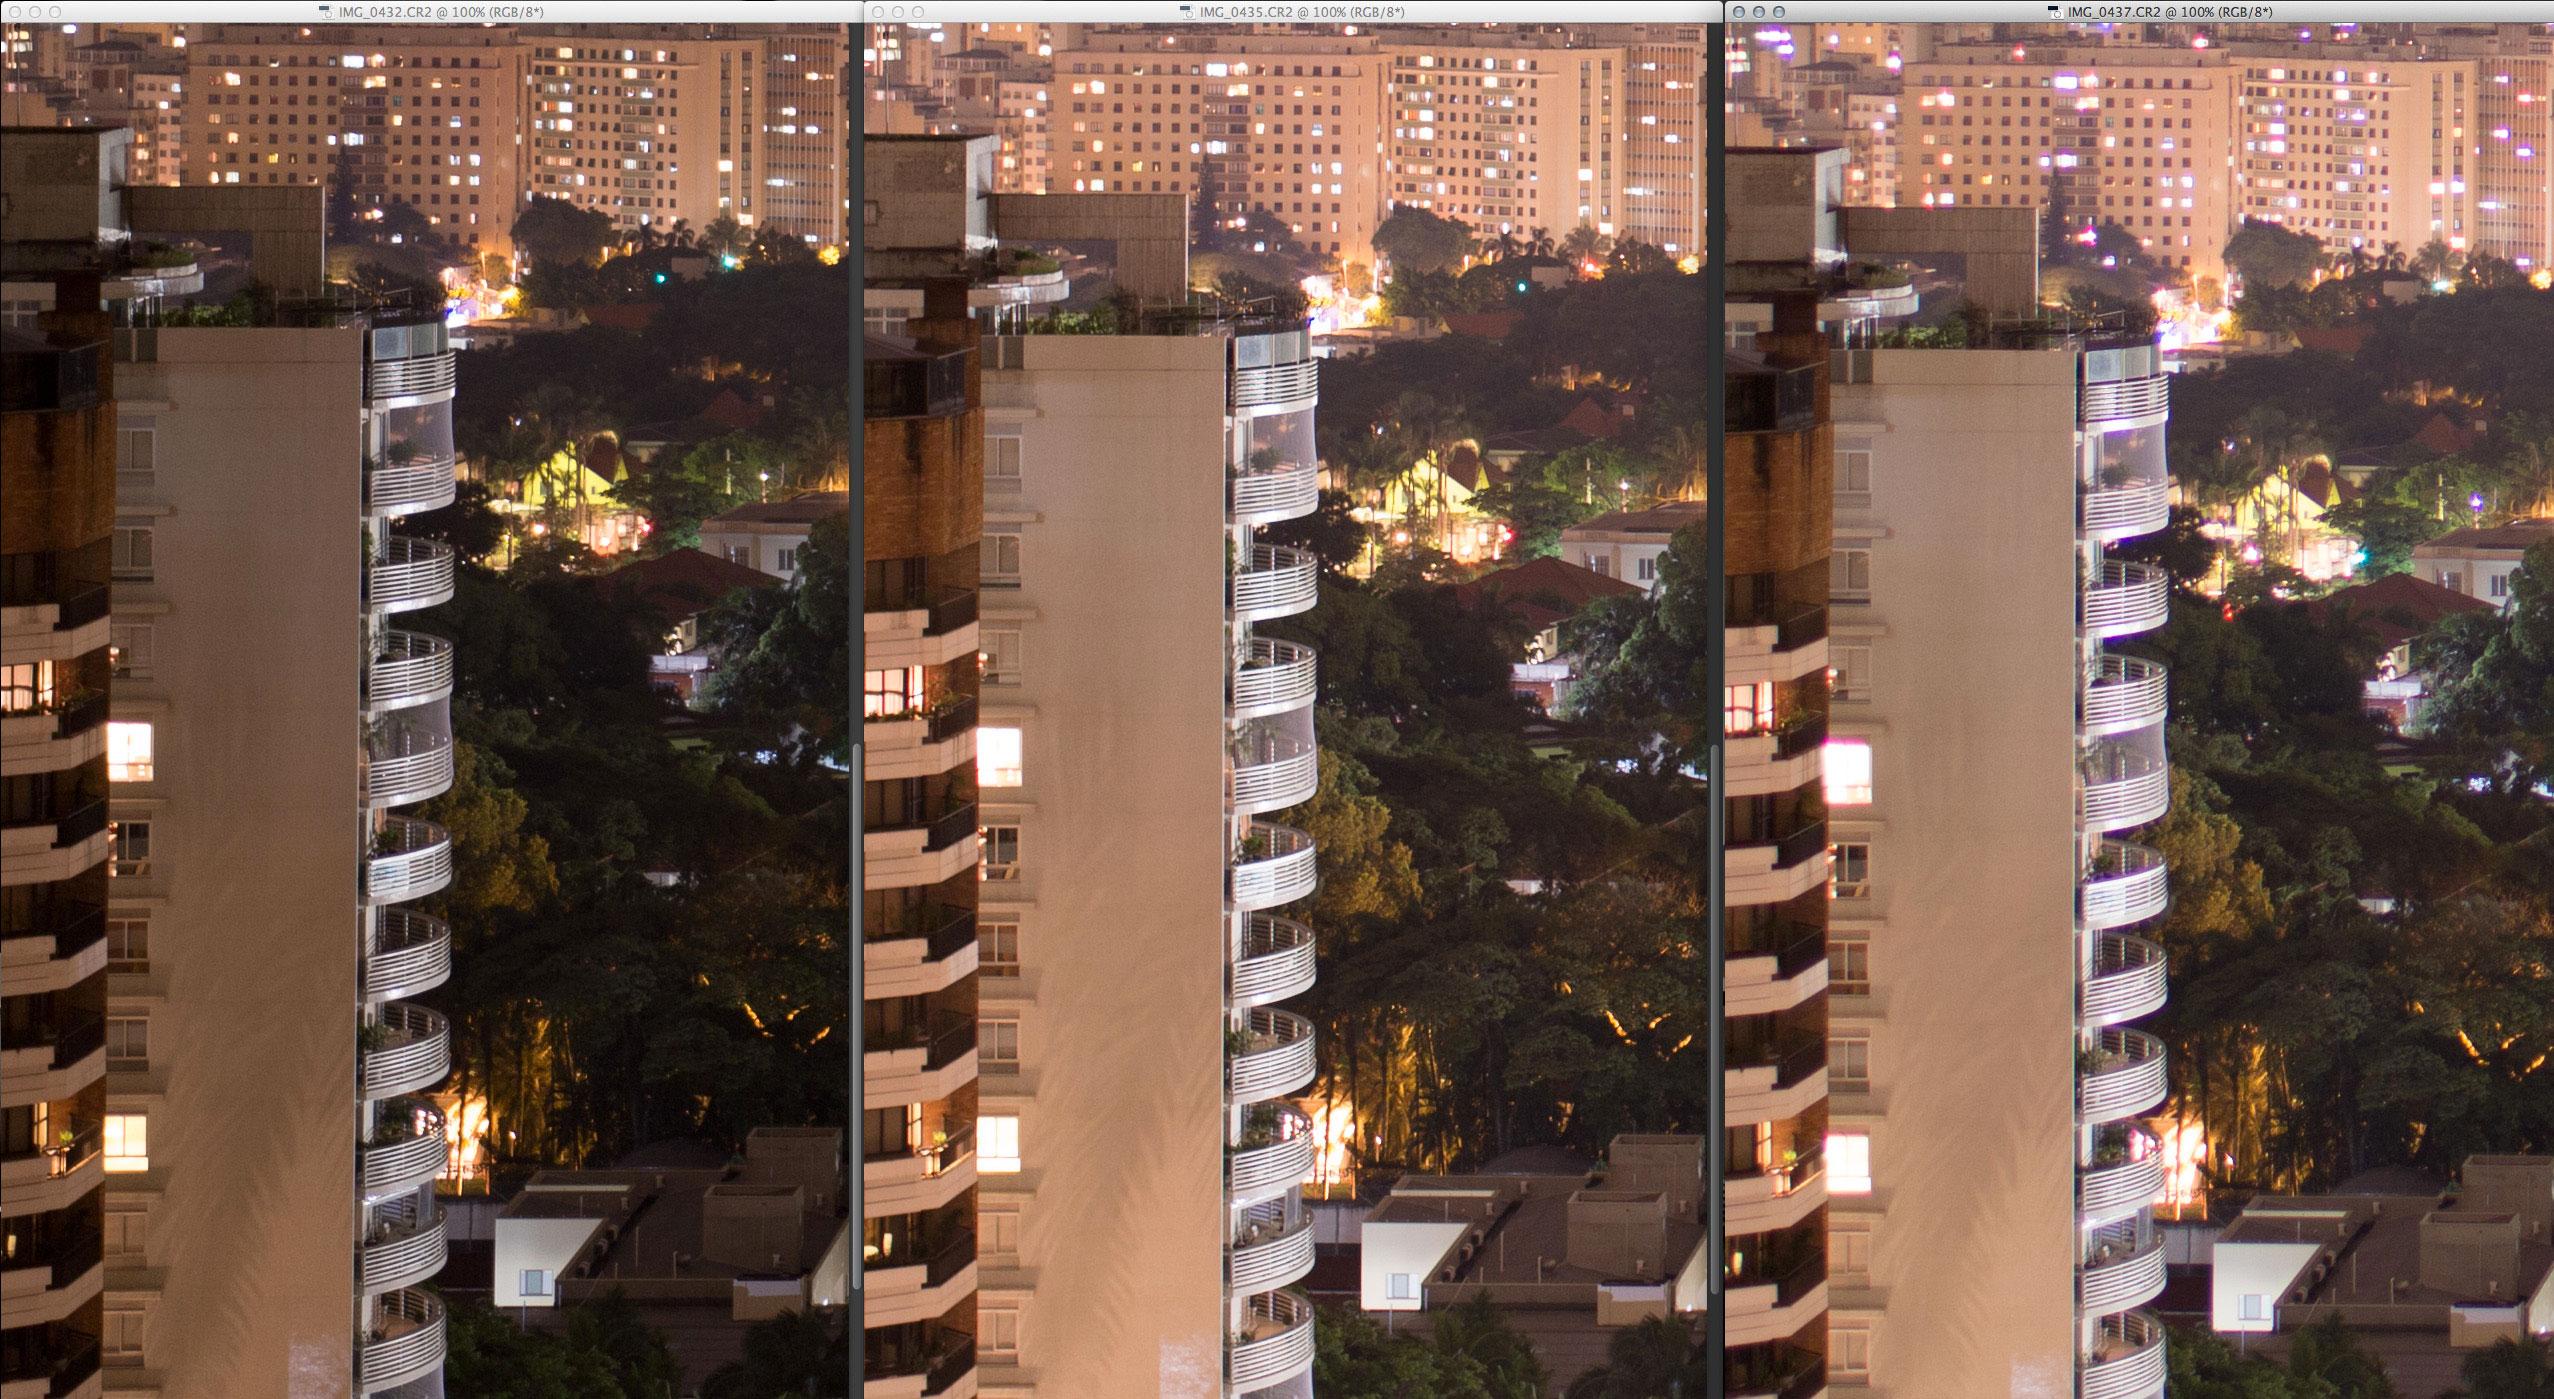 Da esquerda para direita: 18-35mm, 35mm f/1.4 DG, 35mm f/1.4L. A zoom é muito mais escura porque sofre com vinheta em abertura máxima. Mas a resolução é virtualmente idêntica a prime do mesmo fabricante. Já a Canon L fica  atrás em contraste (um pouco de blooming) e CA.